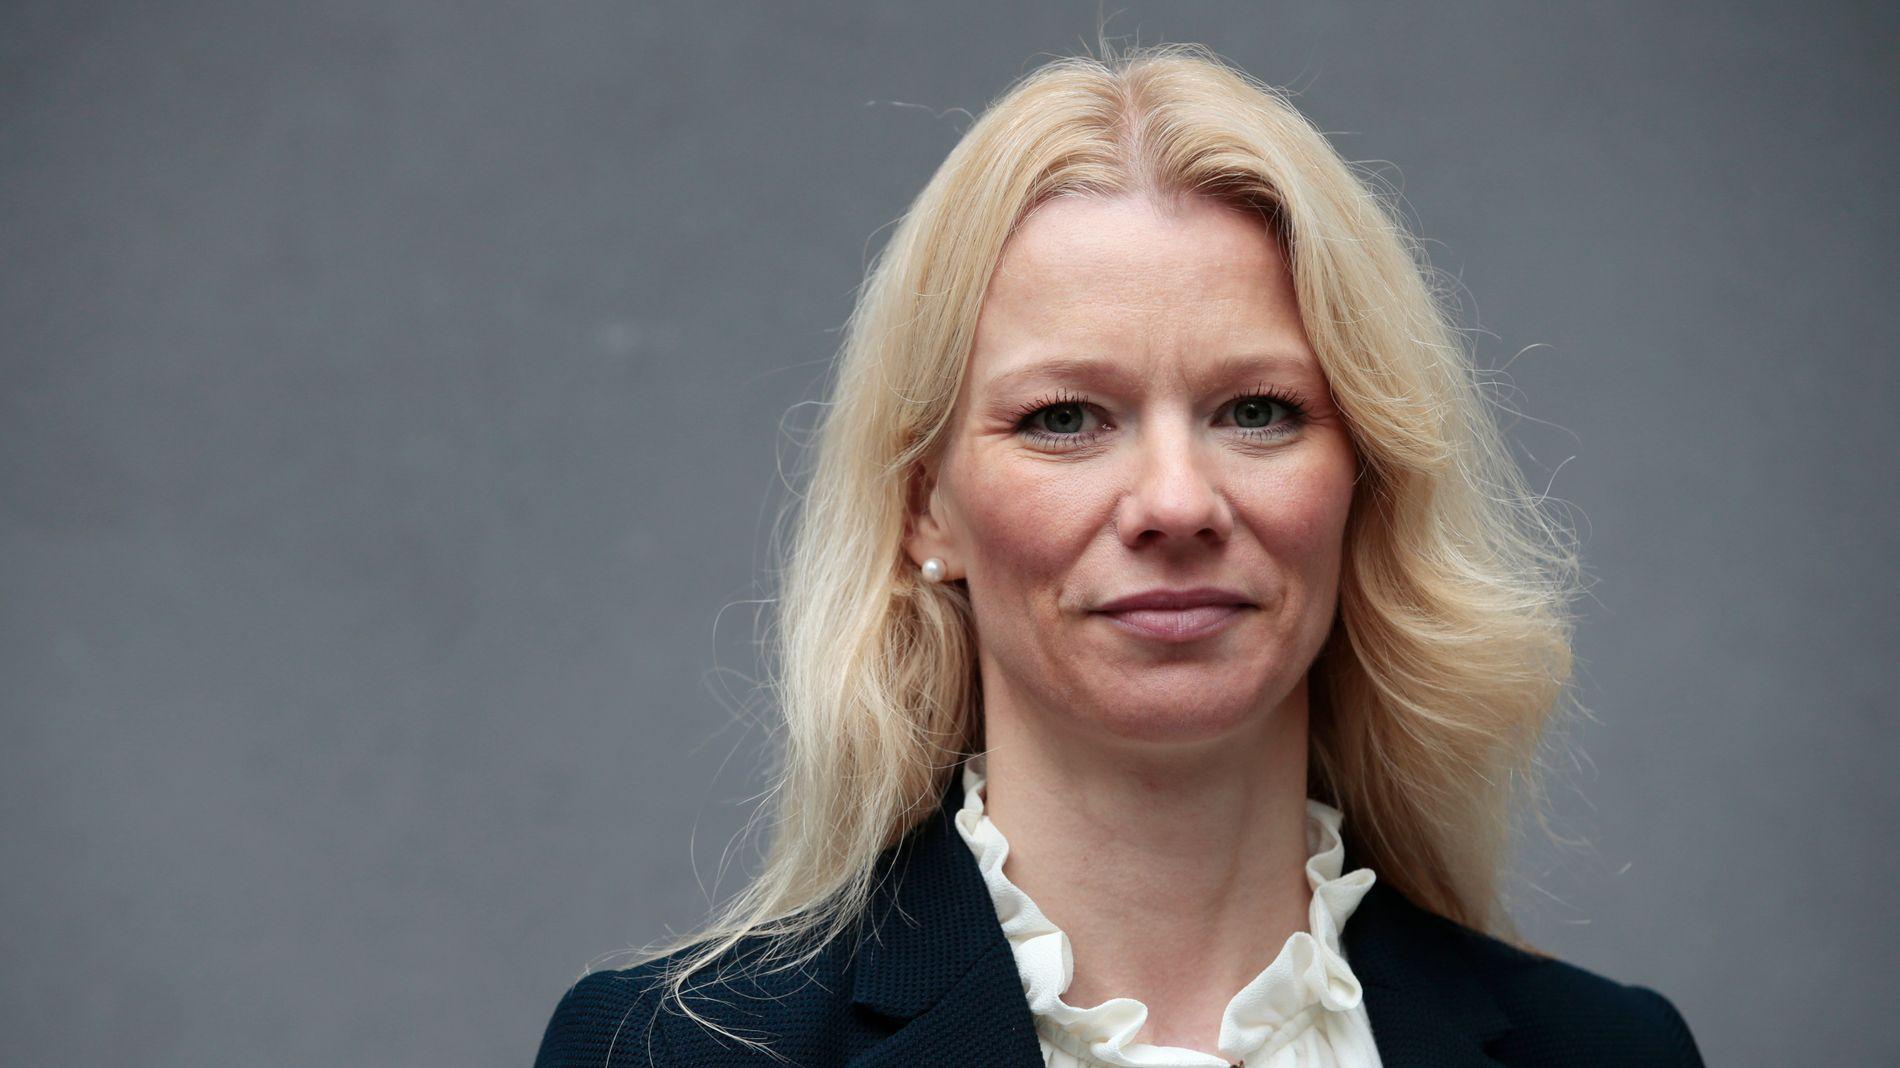 STOPP: Sjeføkonom Kari Due-Andresen i Handelsbanken tror Øystein Olsen og Norges Bank ikke vil klare å sette renten videre opp etter torsdagens beslutning.